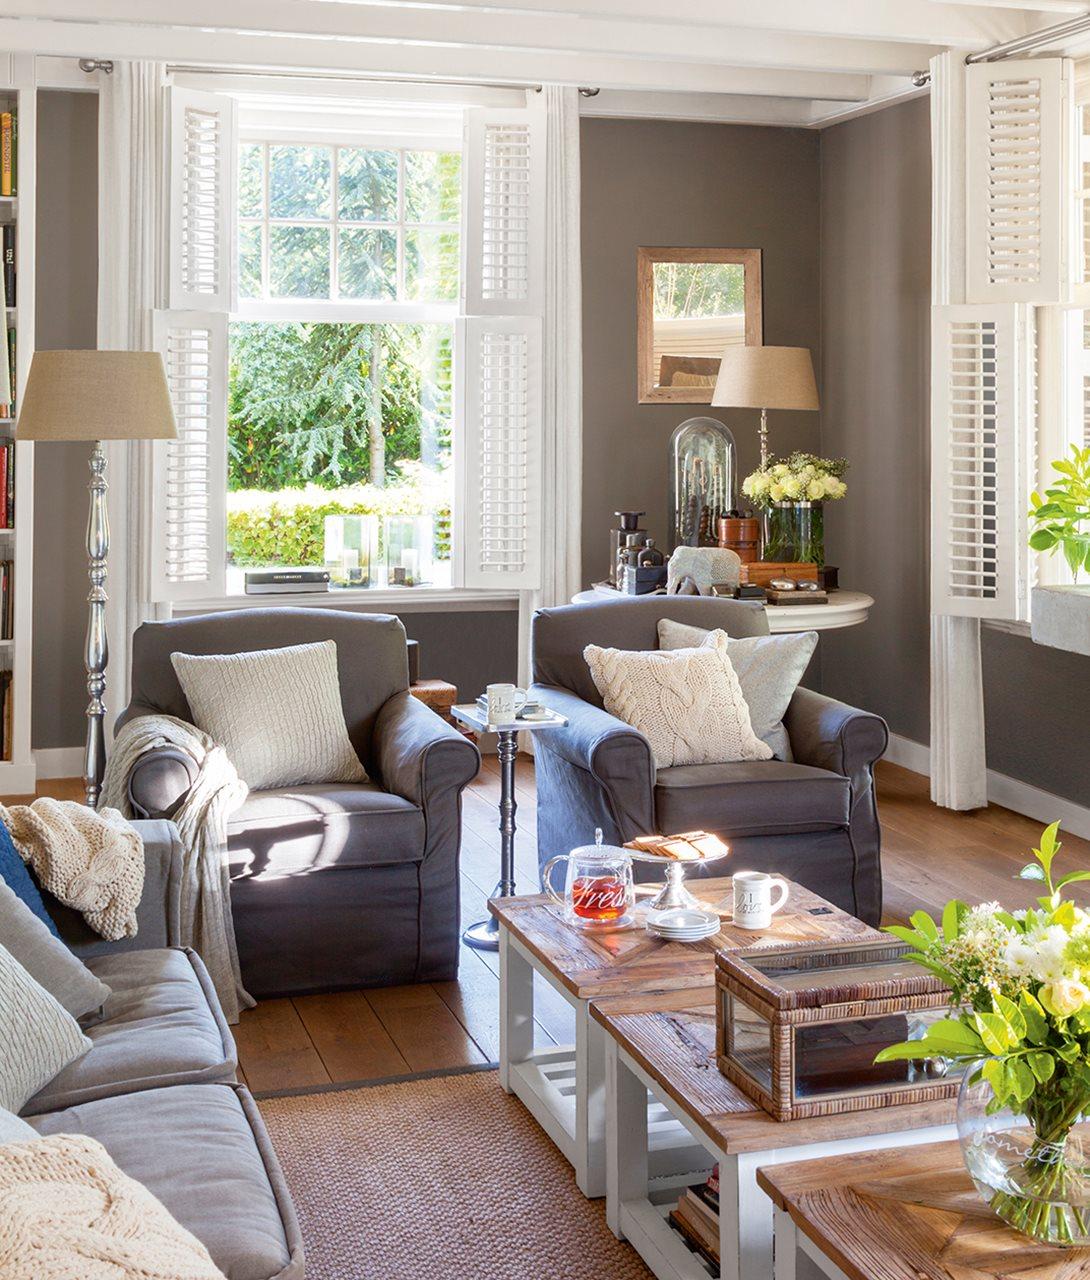 una casa familiar con detalles artesanales y un porche